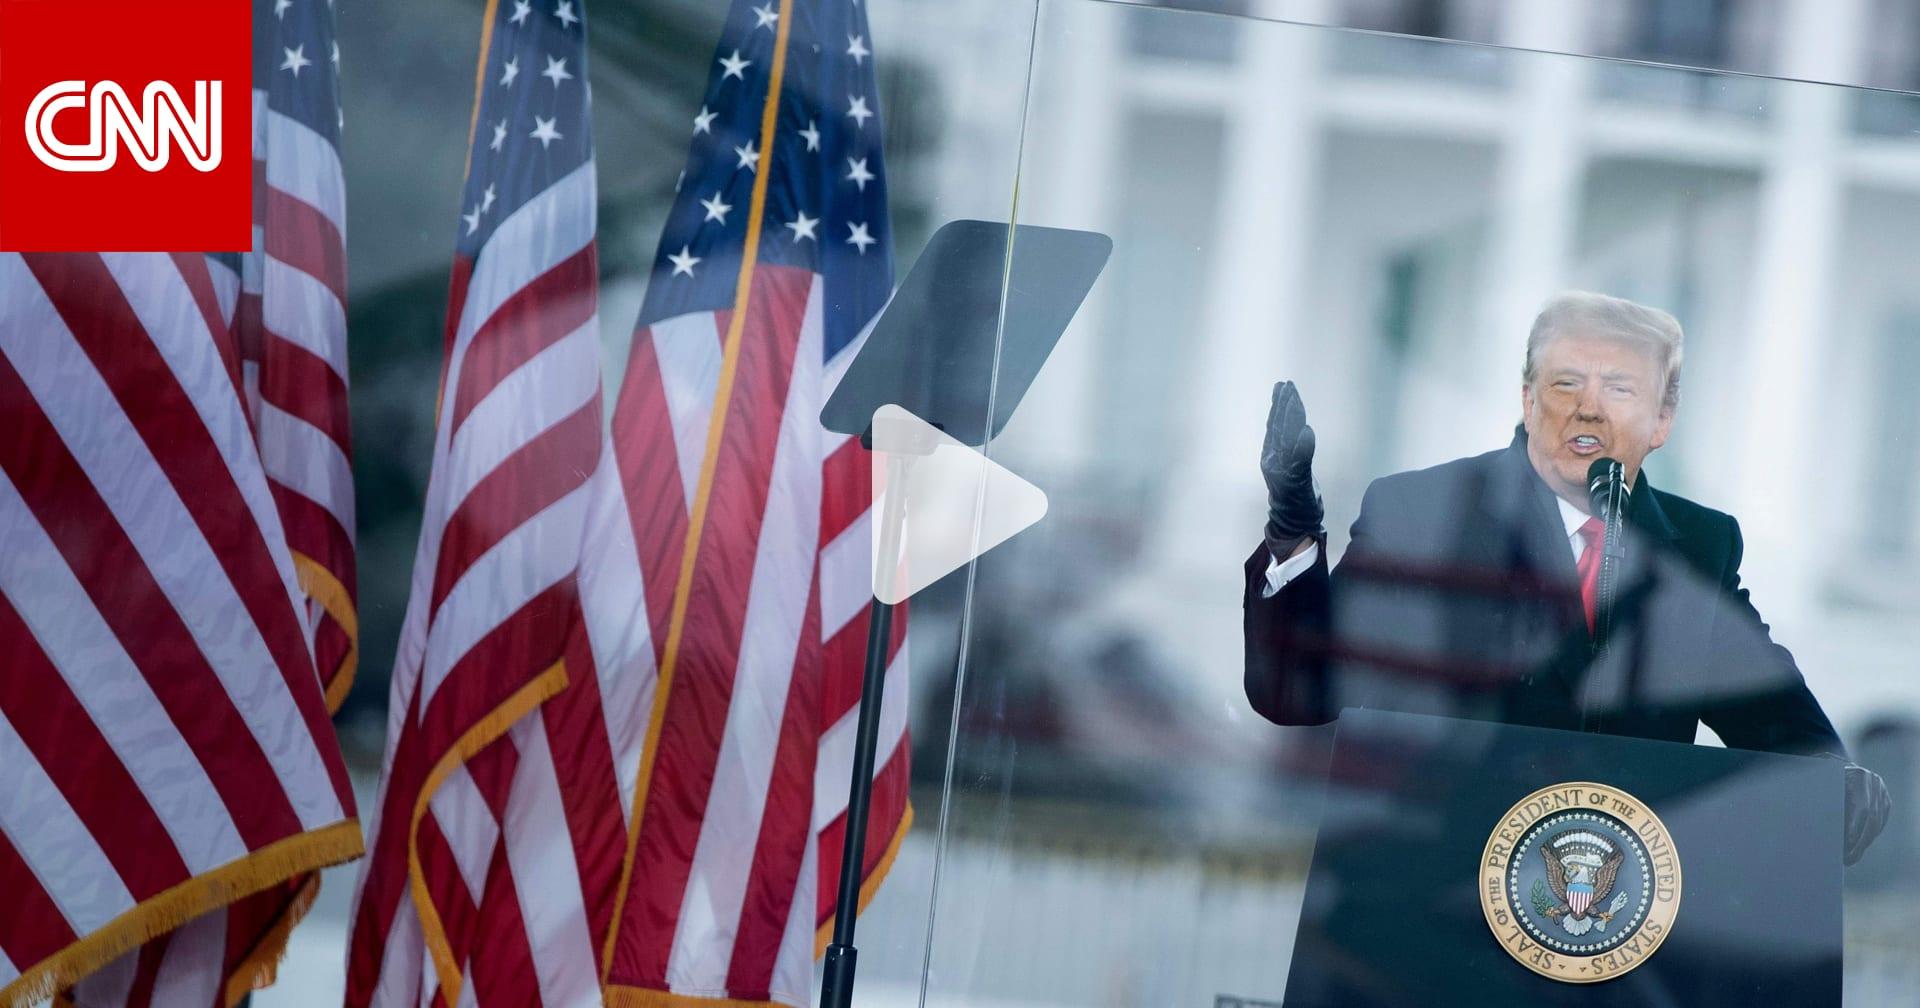 مقاطع الفيديو هذه من أحداث اقتحام الكونغرس قد تشكّل مشكلة كبيرة لترامب